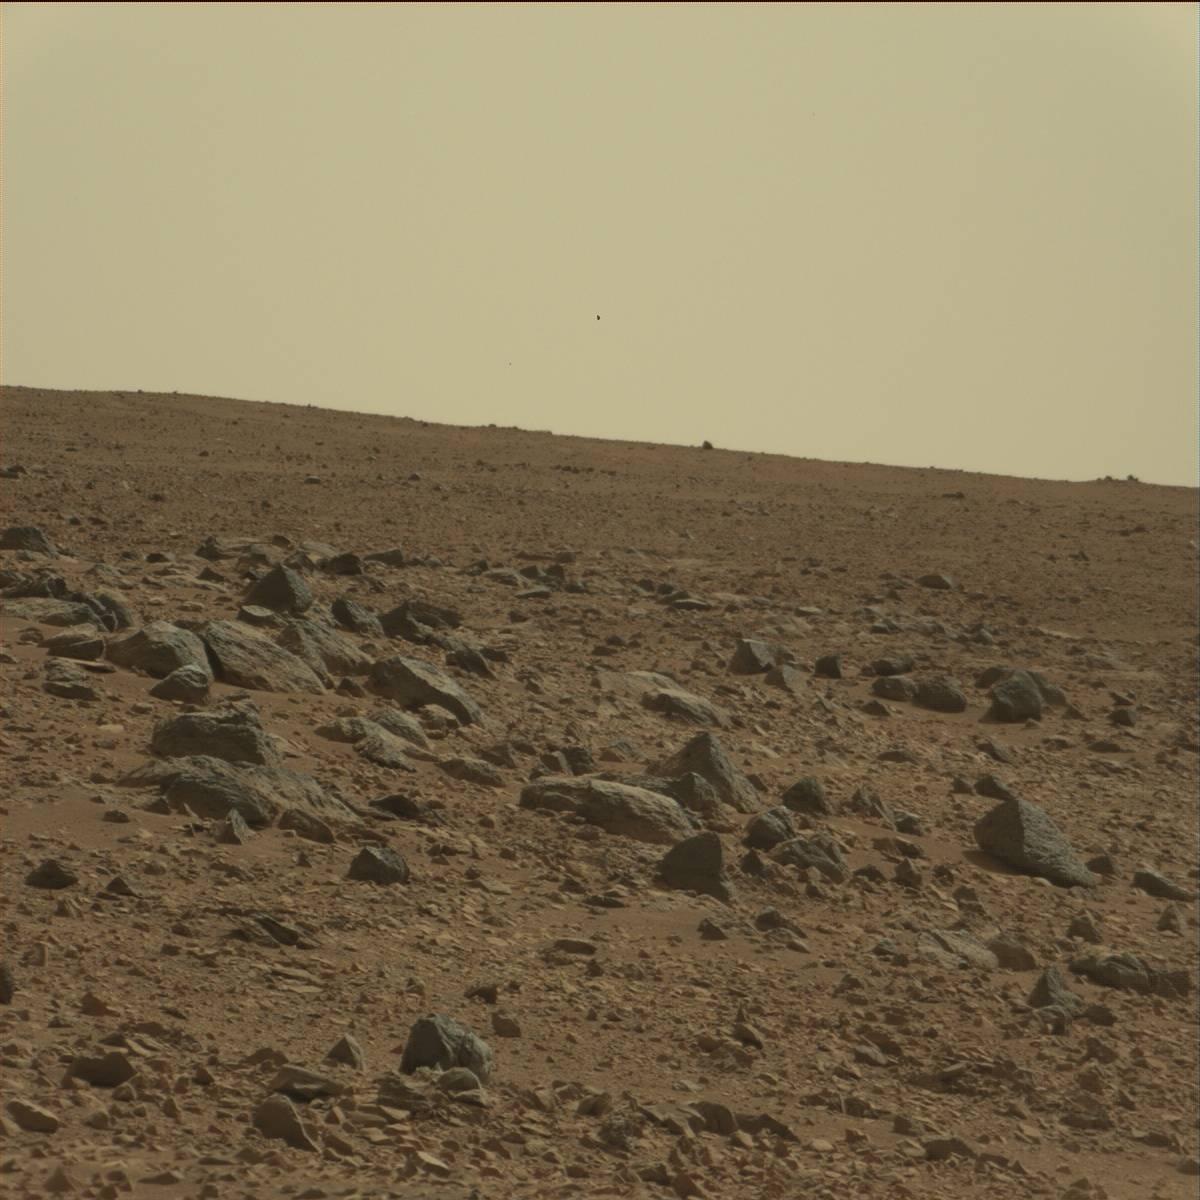 rover 75 mars - photo #40